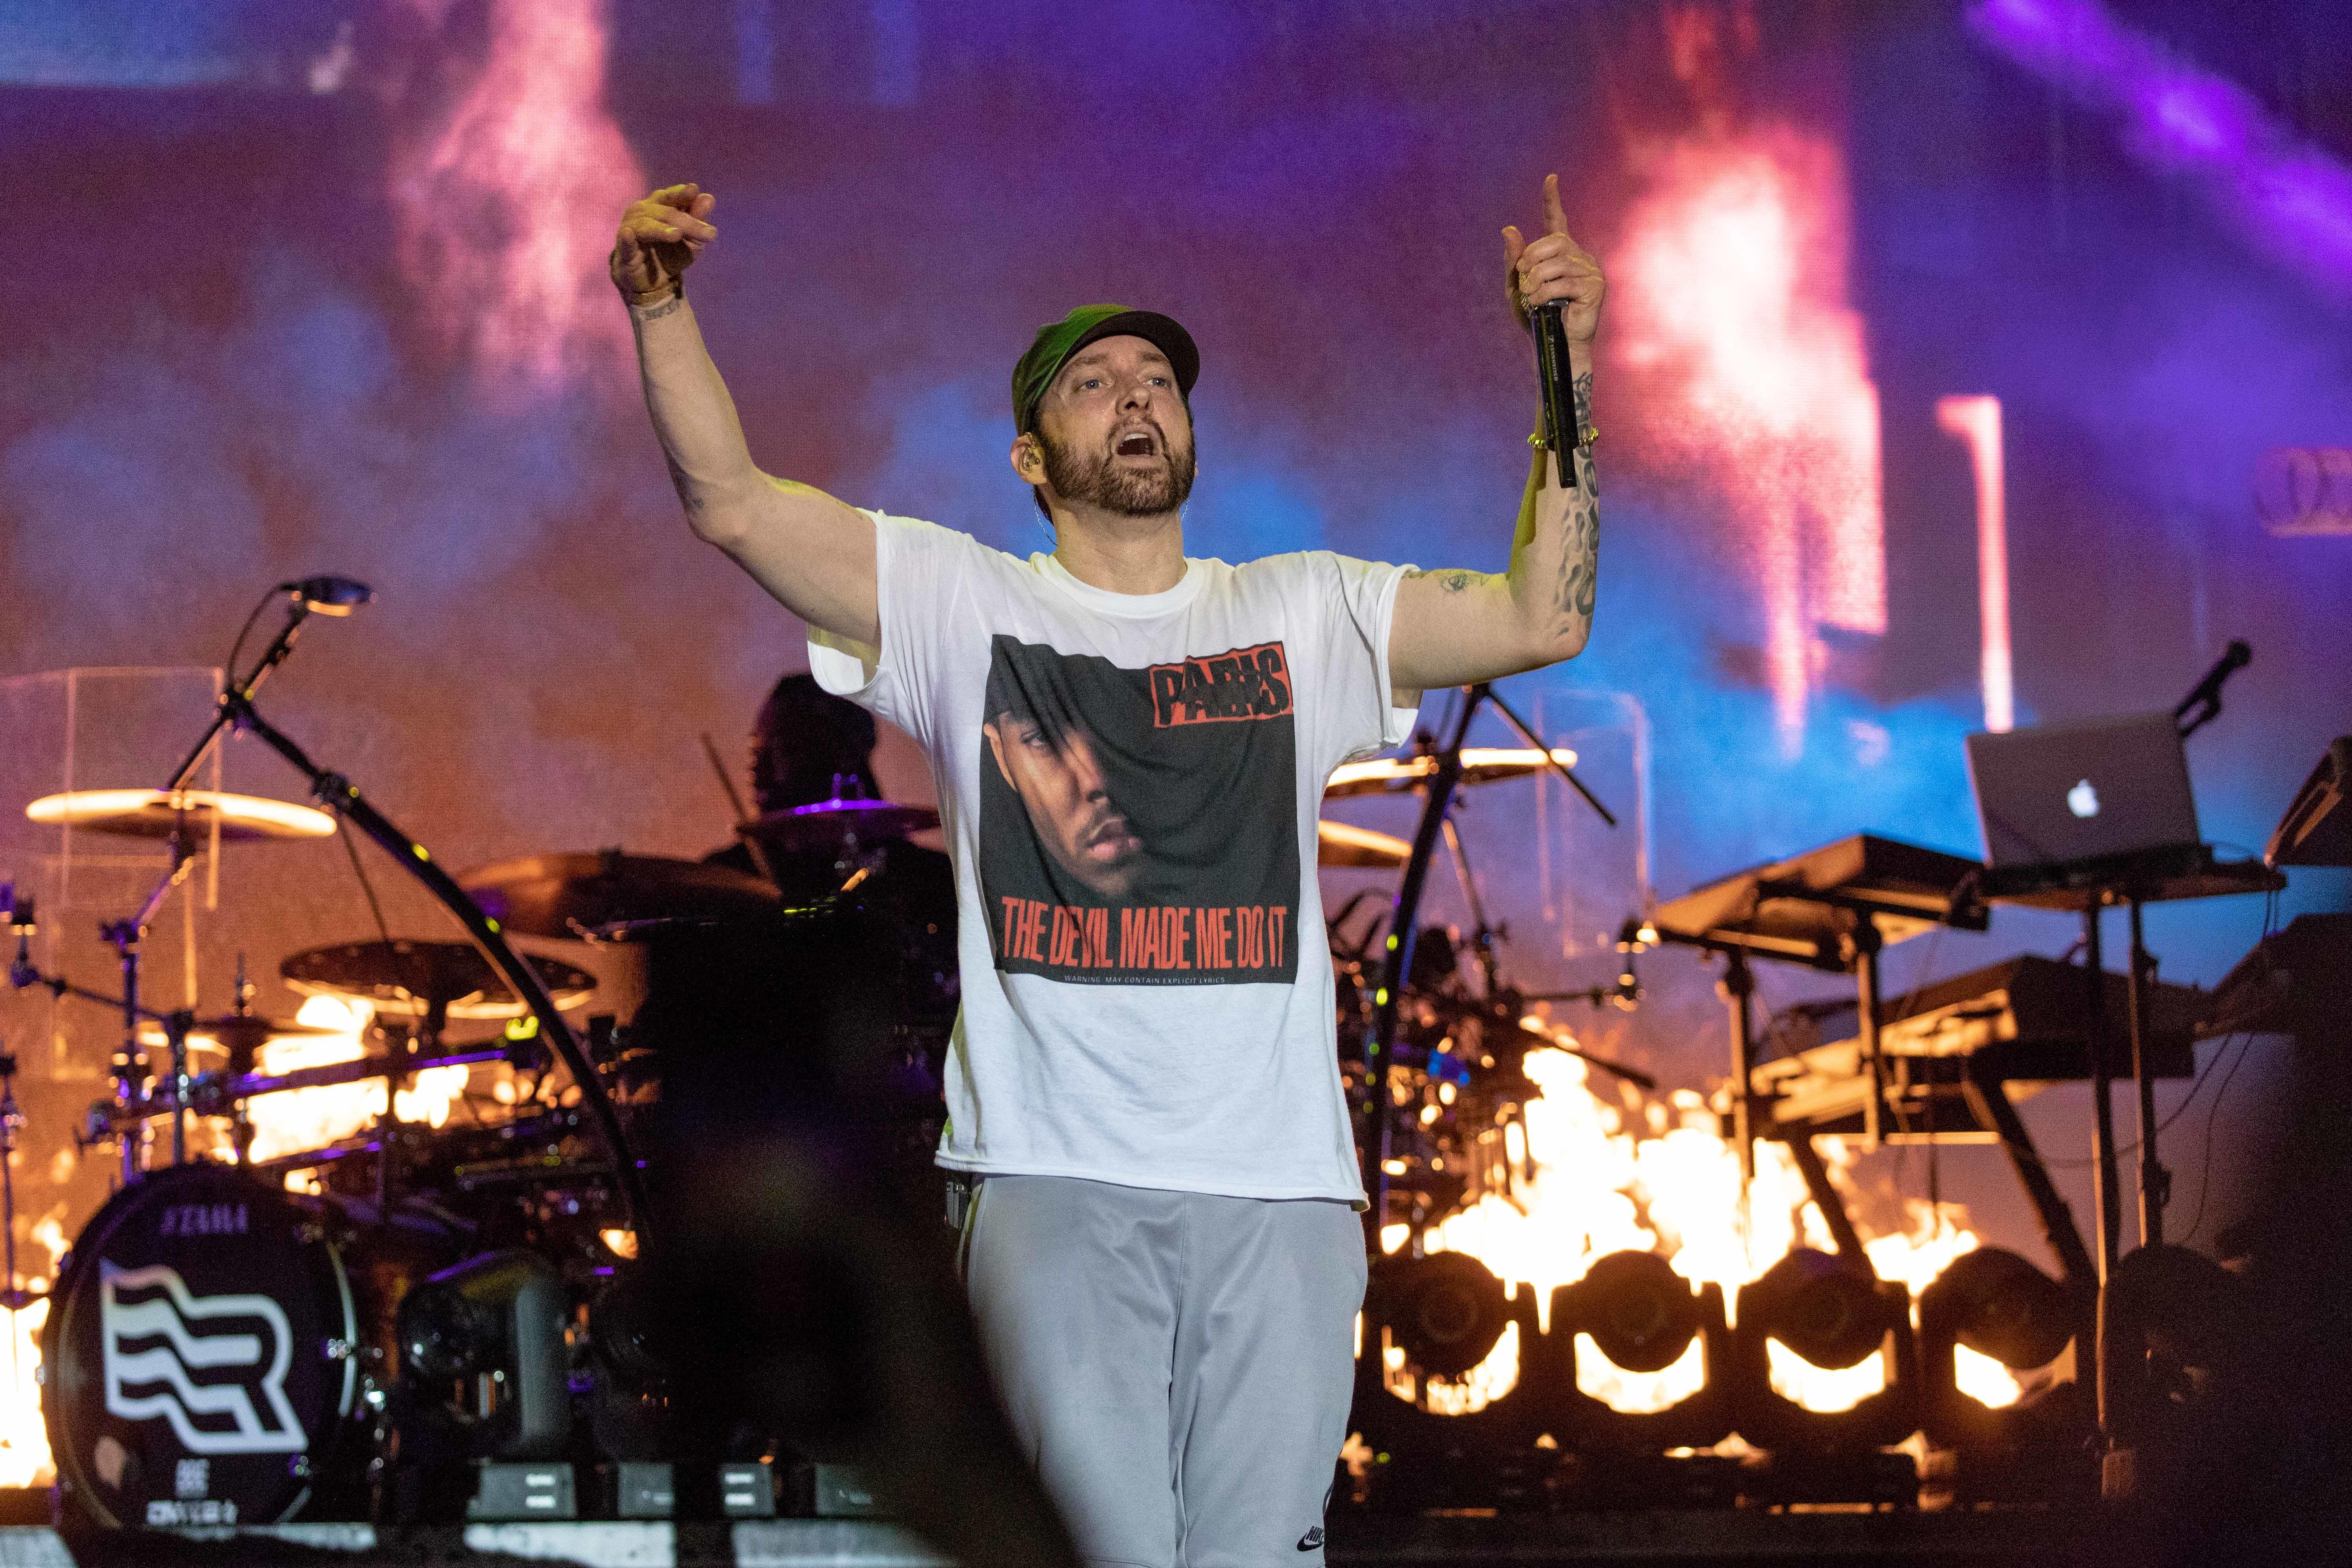 Самый быстрый: Eminem побил собственный рекорд поскорости чтения рэпа